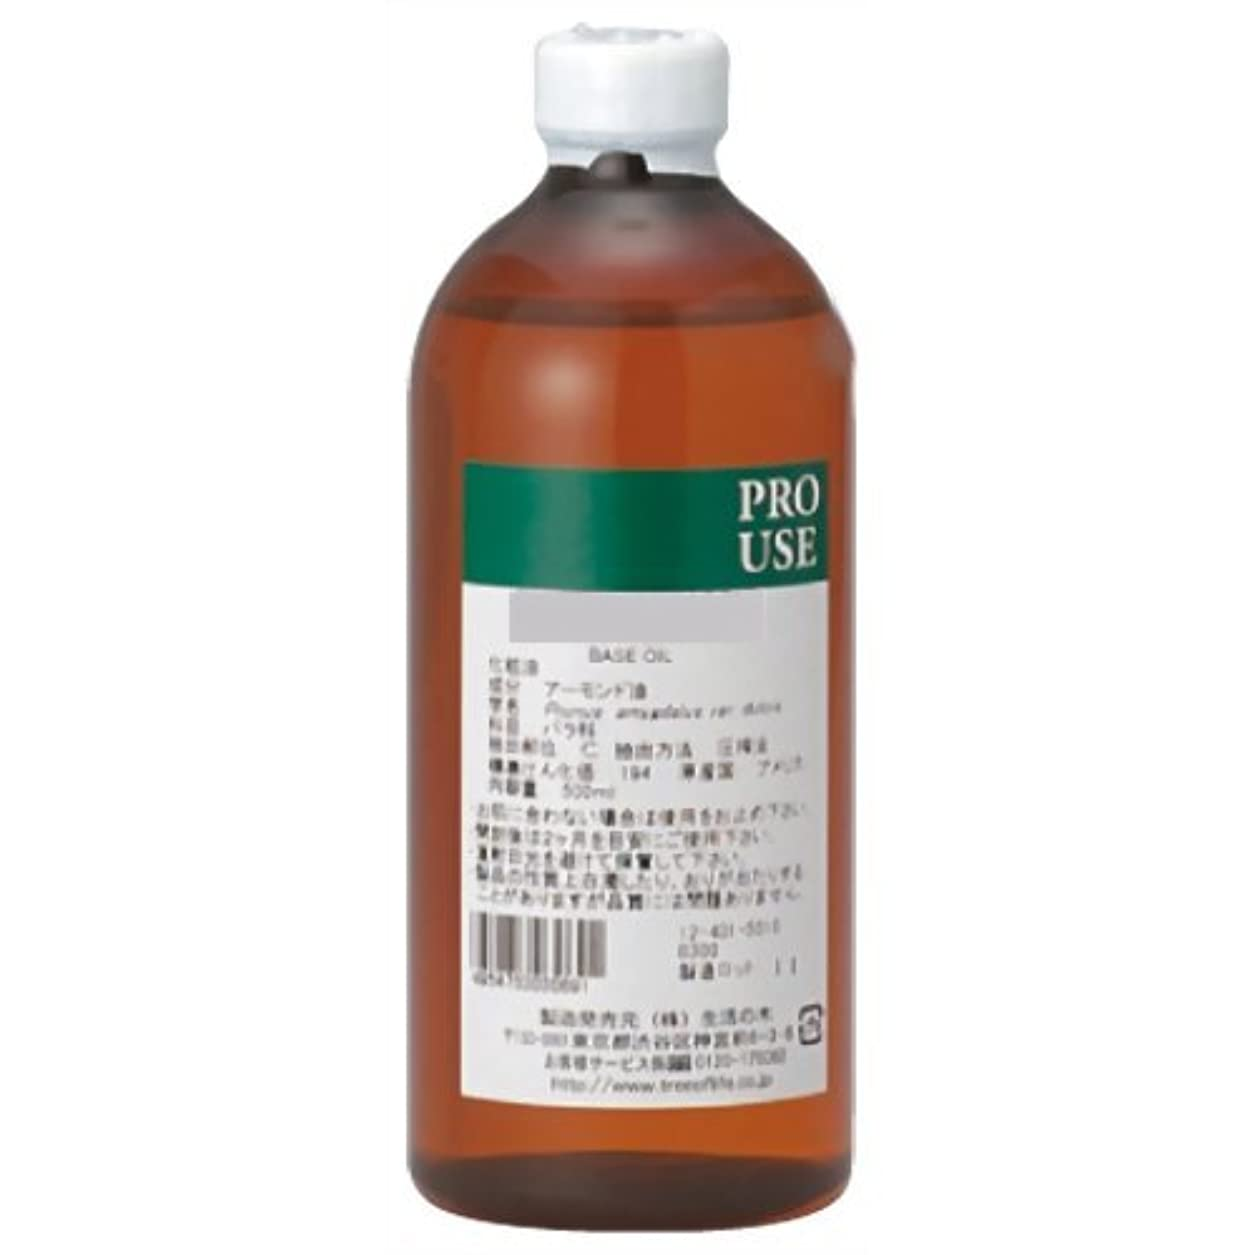 確かに消すルール生活の木 ホホバ油 (クリア) 500ml